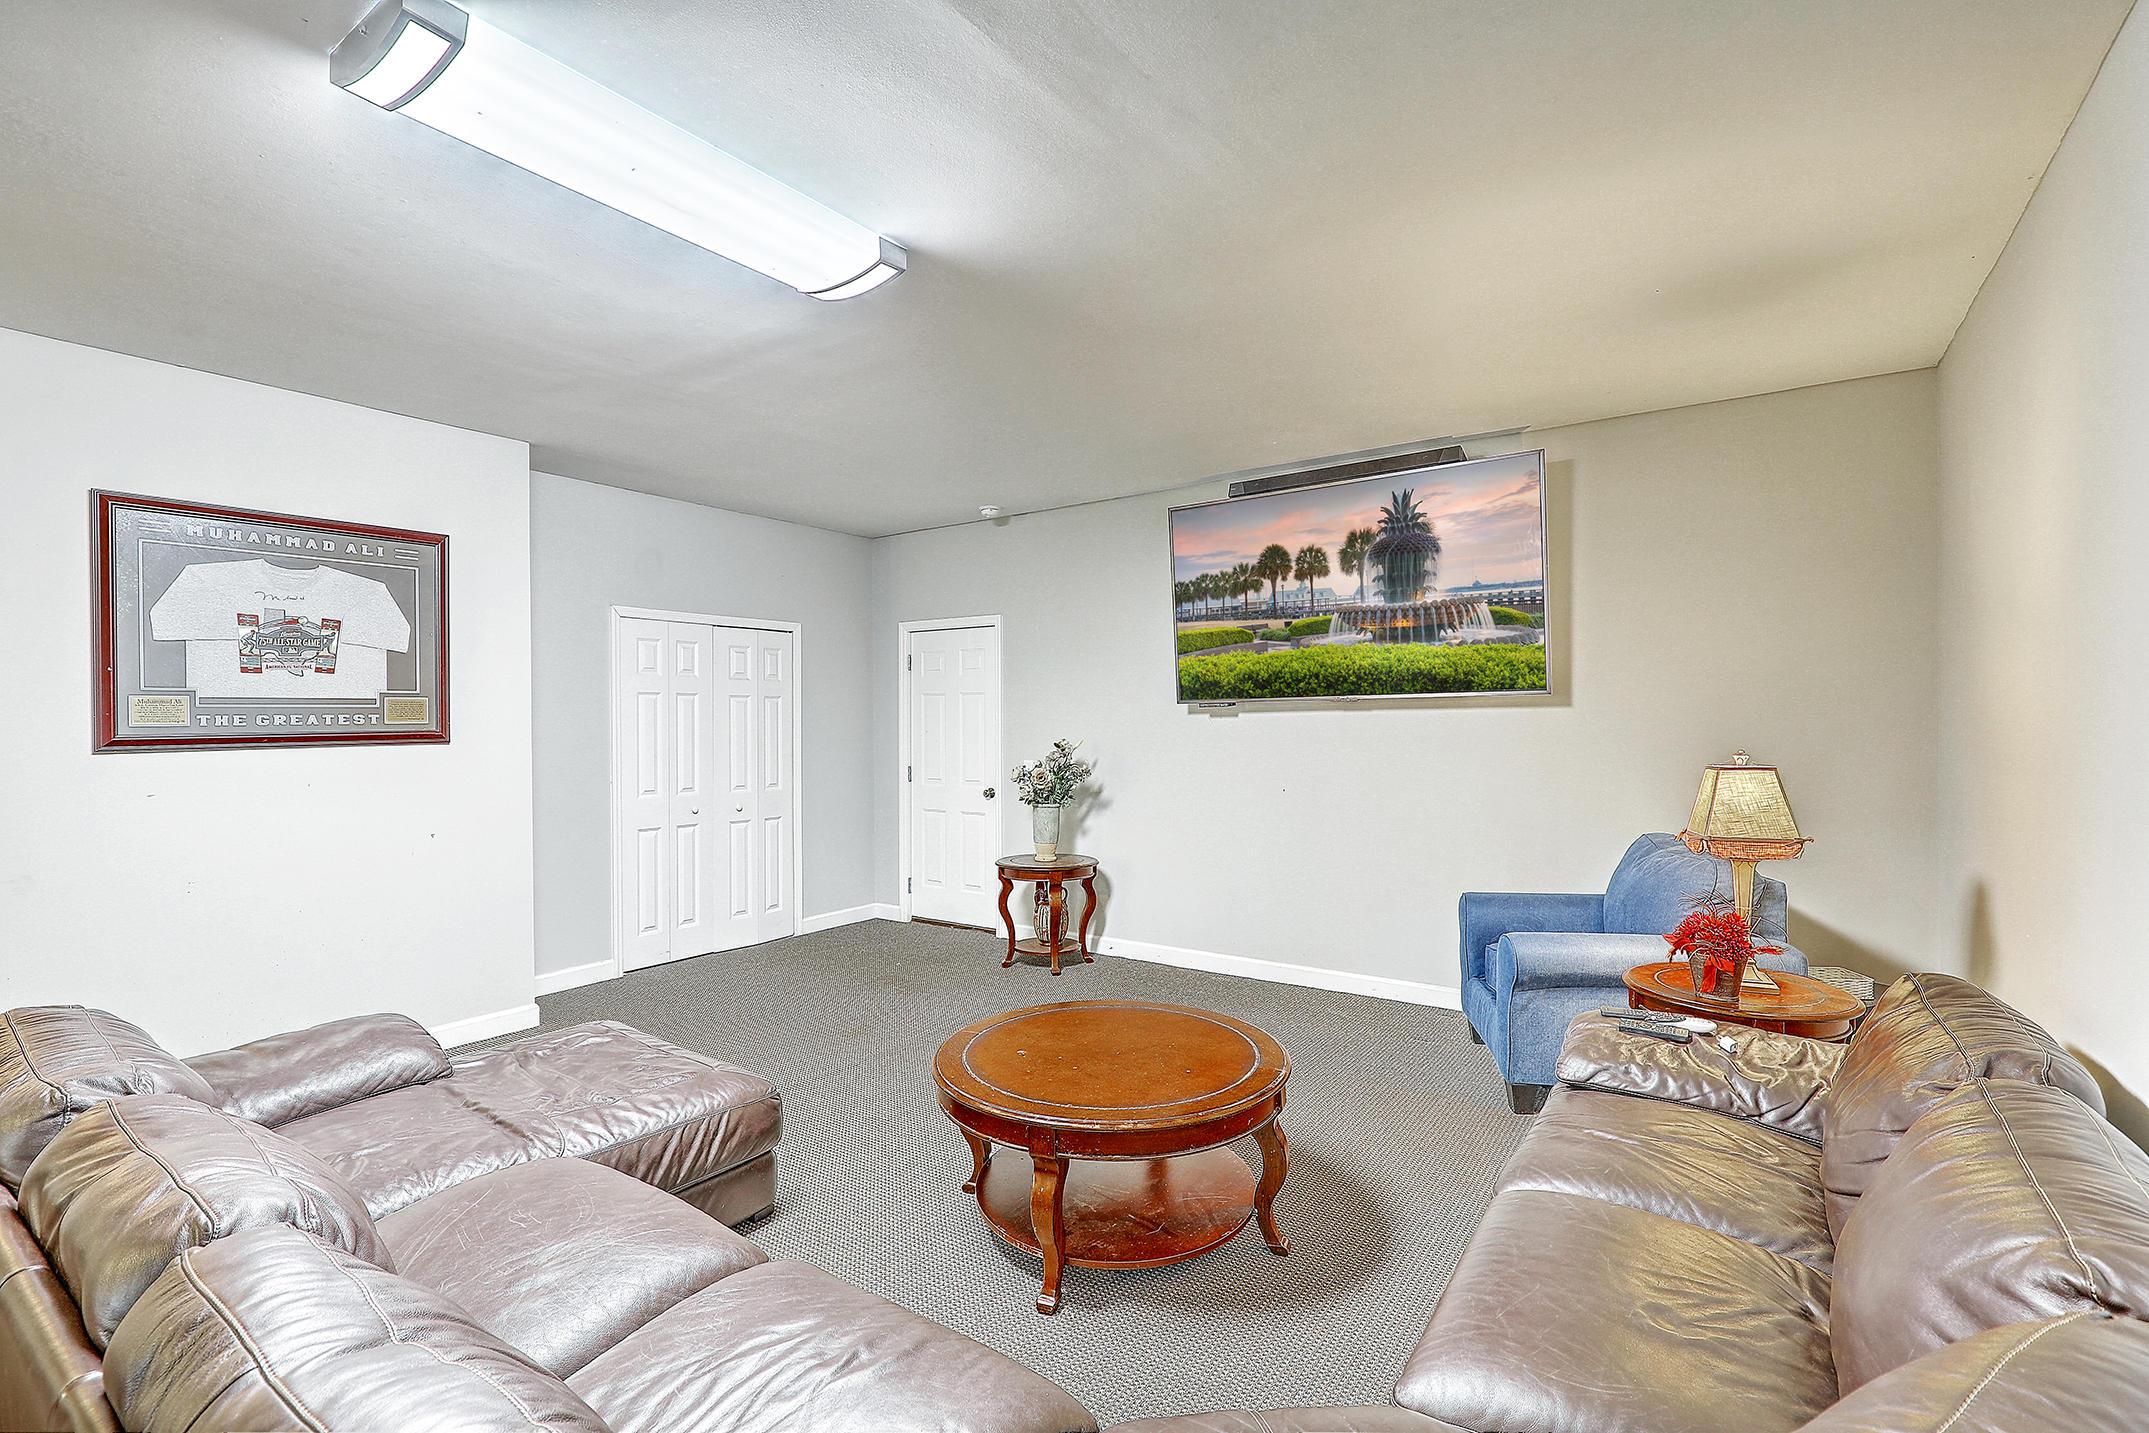 Dunes West Homes For Sale - 129 Palm Cove, Mount Pleasant, SC - 23